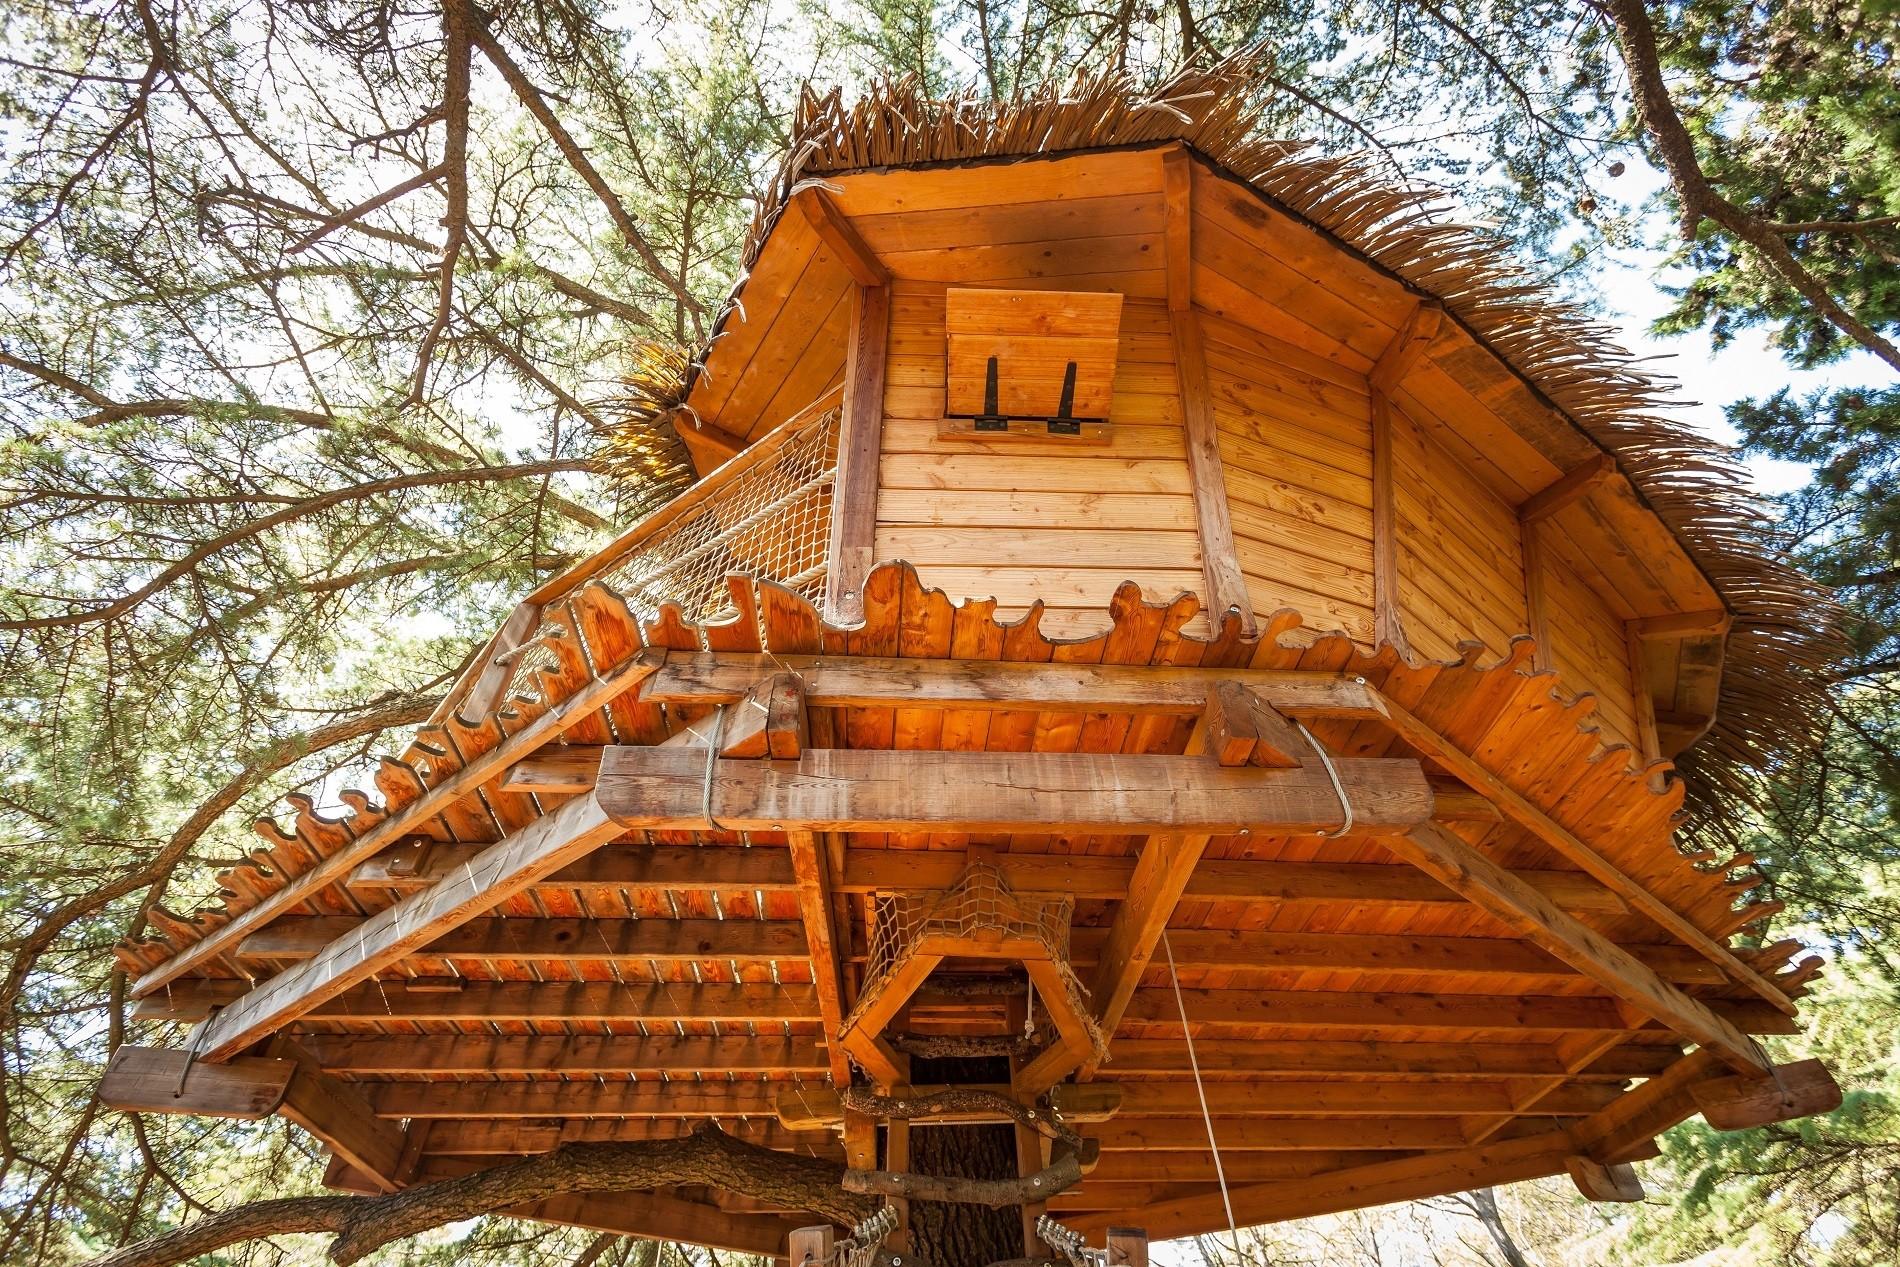 Photo 5 extérieur - Cabanes dans les arbres - Grand Duc -hébergement insolite à Montpellier - Oenotourisme - Domaine saint Jean de l'Arbousier, Castries, Hérault